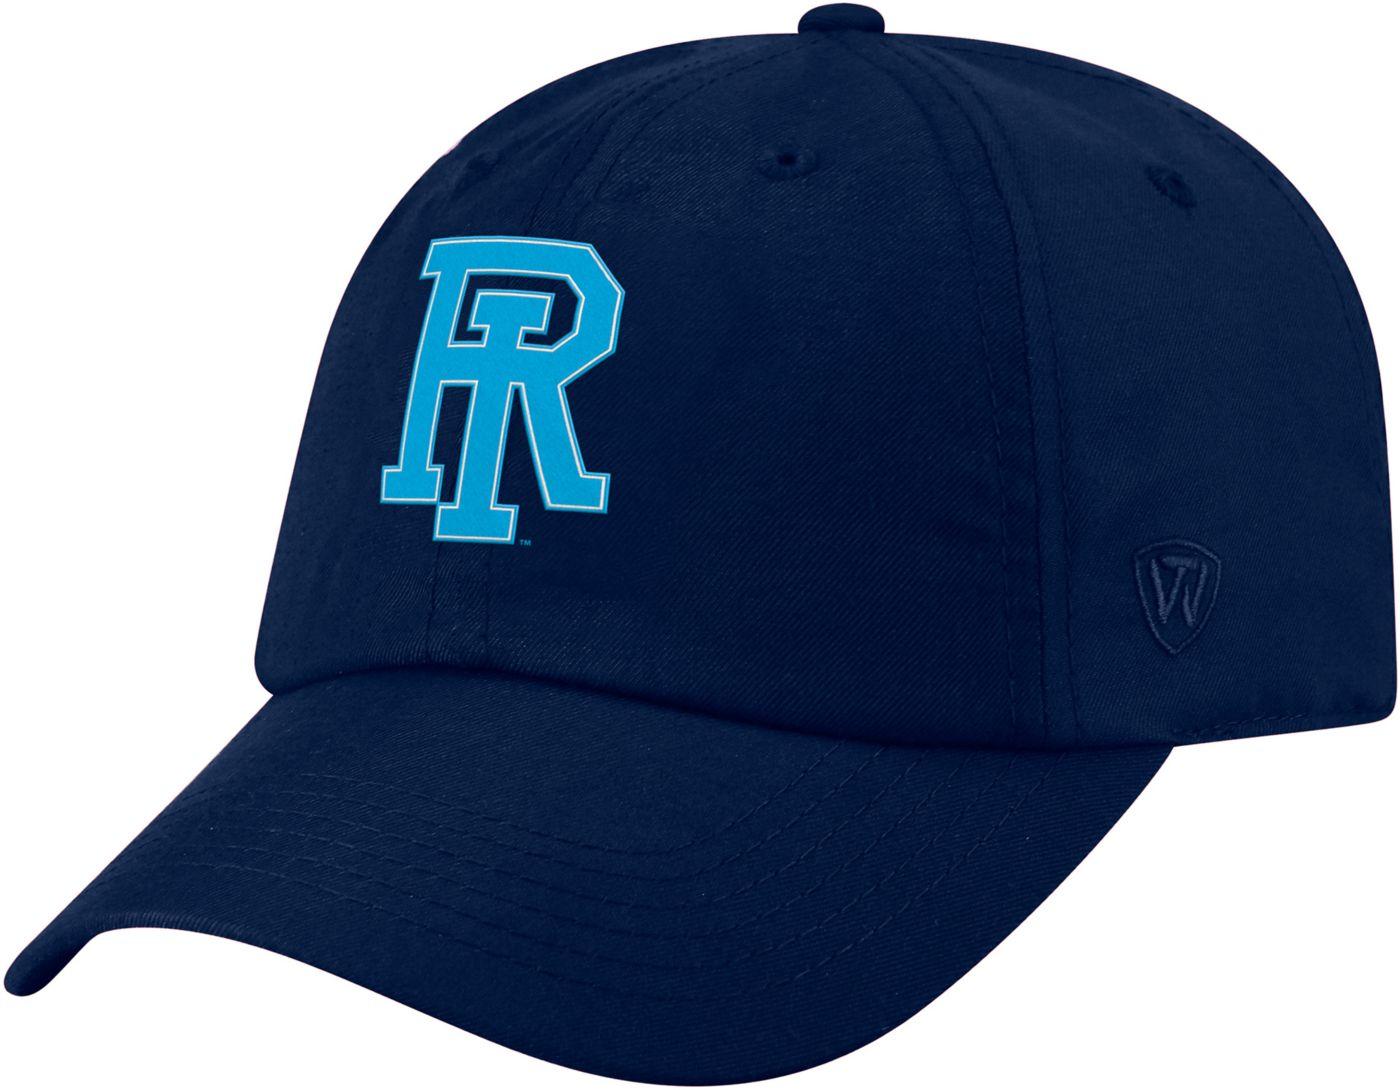 Top of the World Men's Rhode Island Rams Navy Staple Adjustable Hat